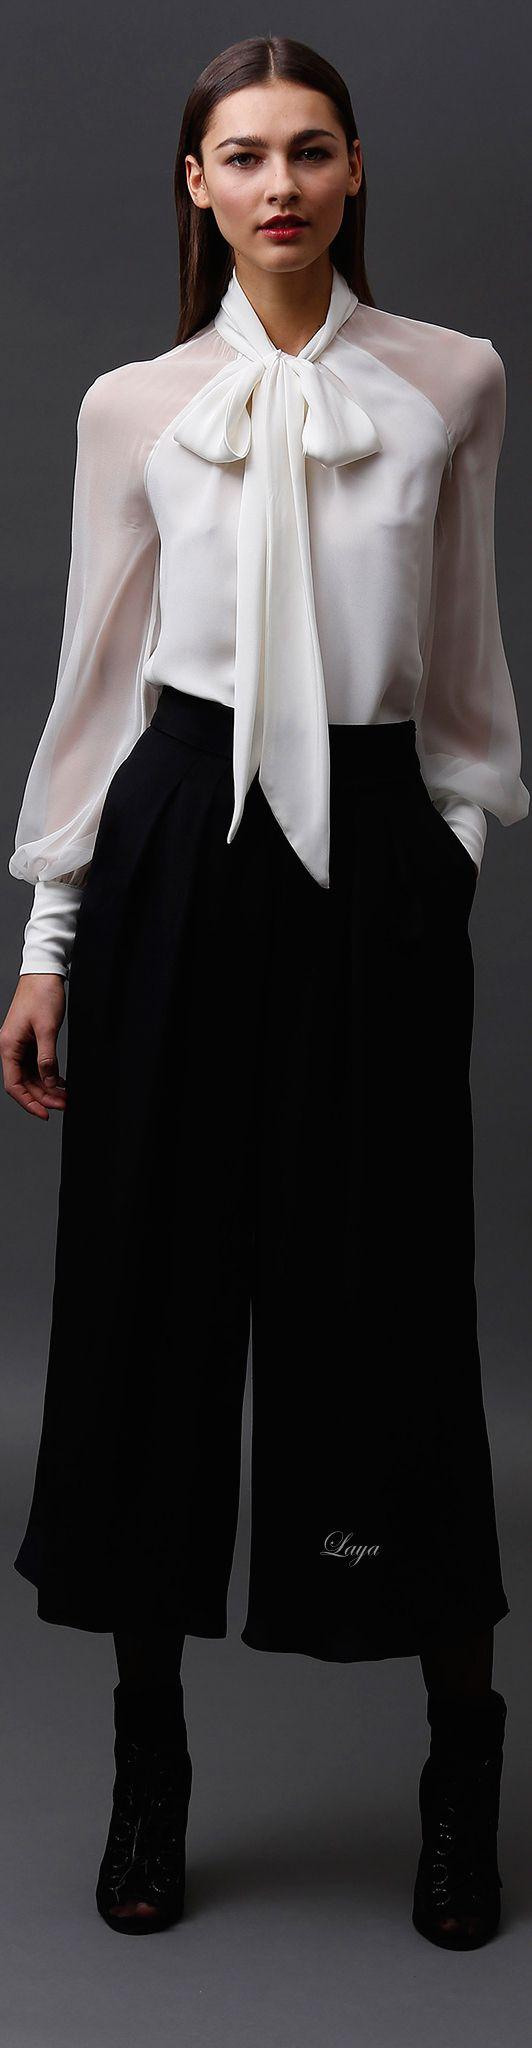 Eu não sei lidar com pantacourt, mas amo sou essa camisa, queria viver dentro dela pra sempre.: